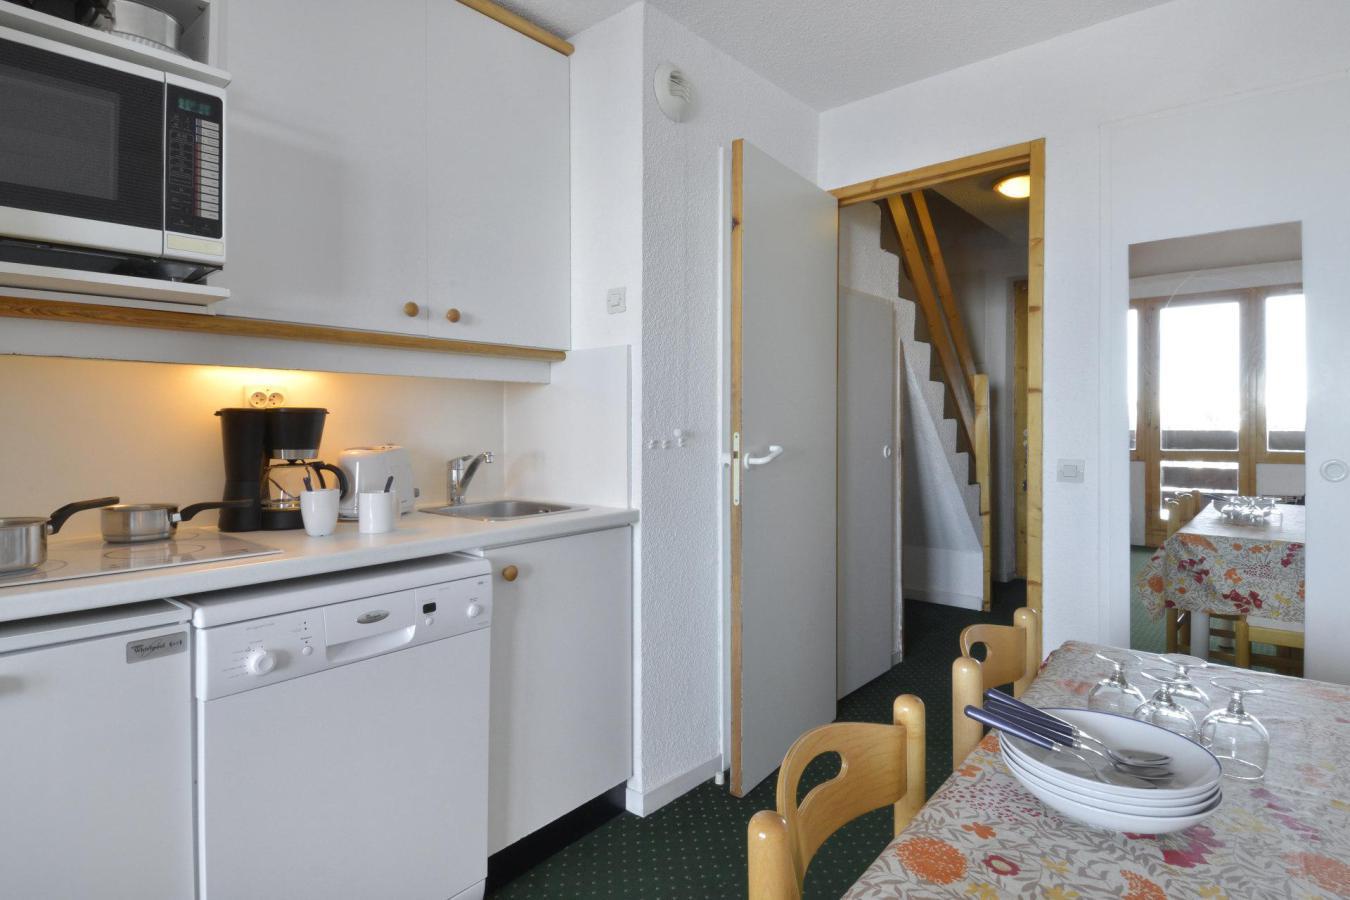 Location au ski Appartement 3 pièces 6 personnes (515) - La Residence Licorne - La Plagne - Lit double